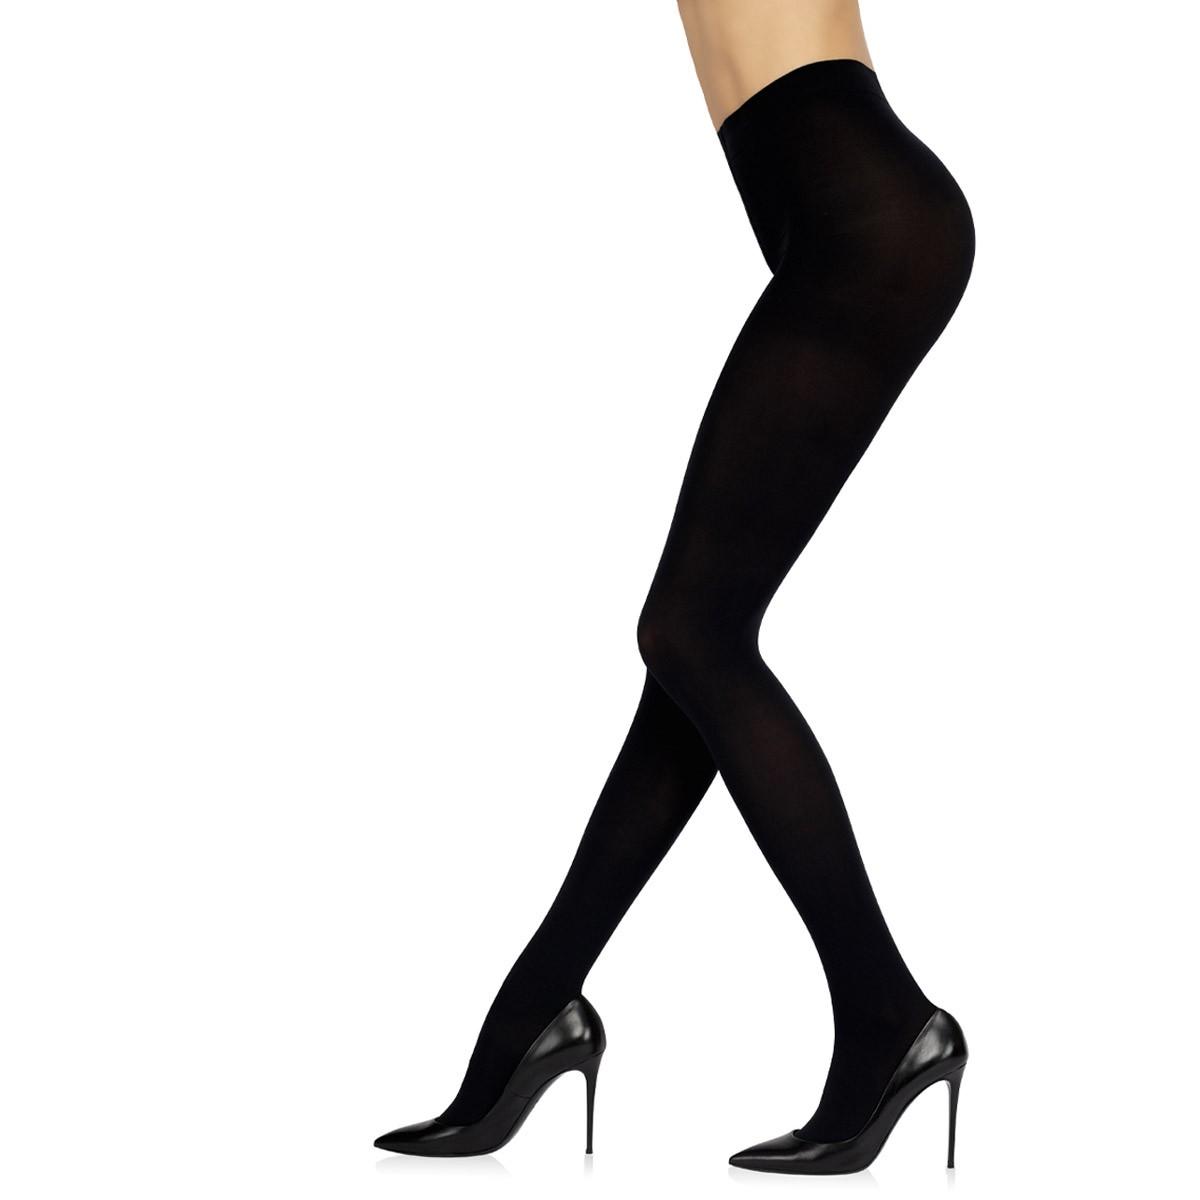 Cioccolato - 1310463